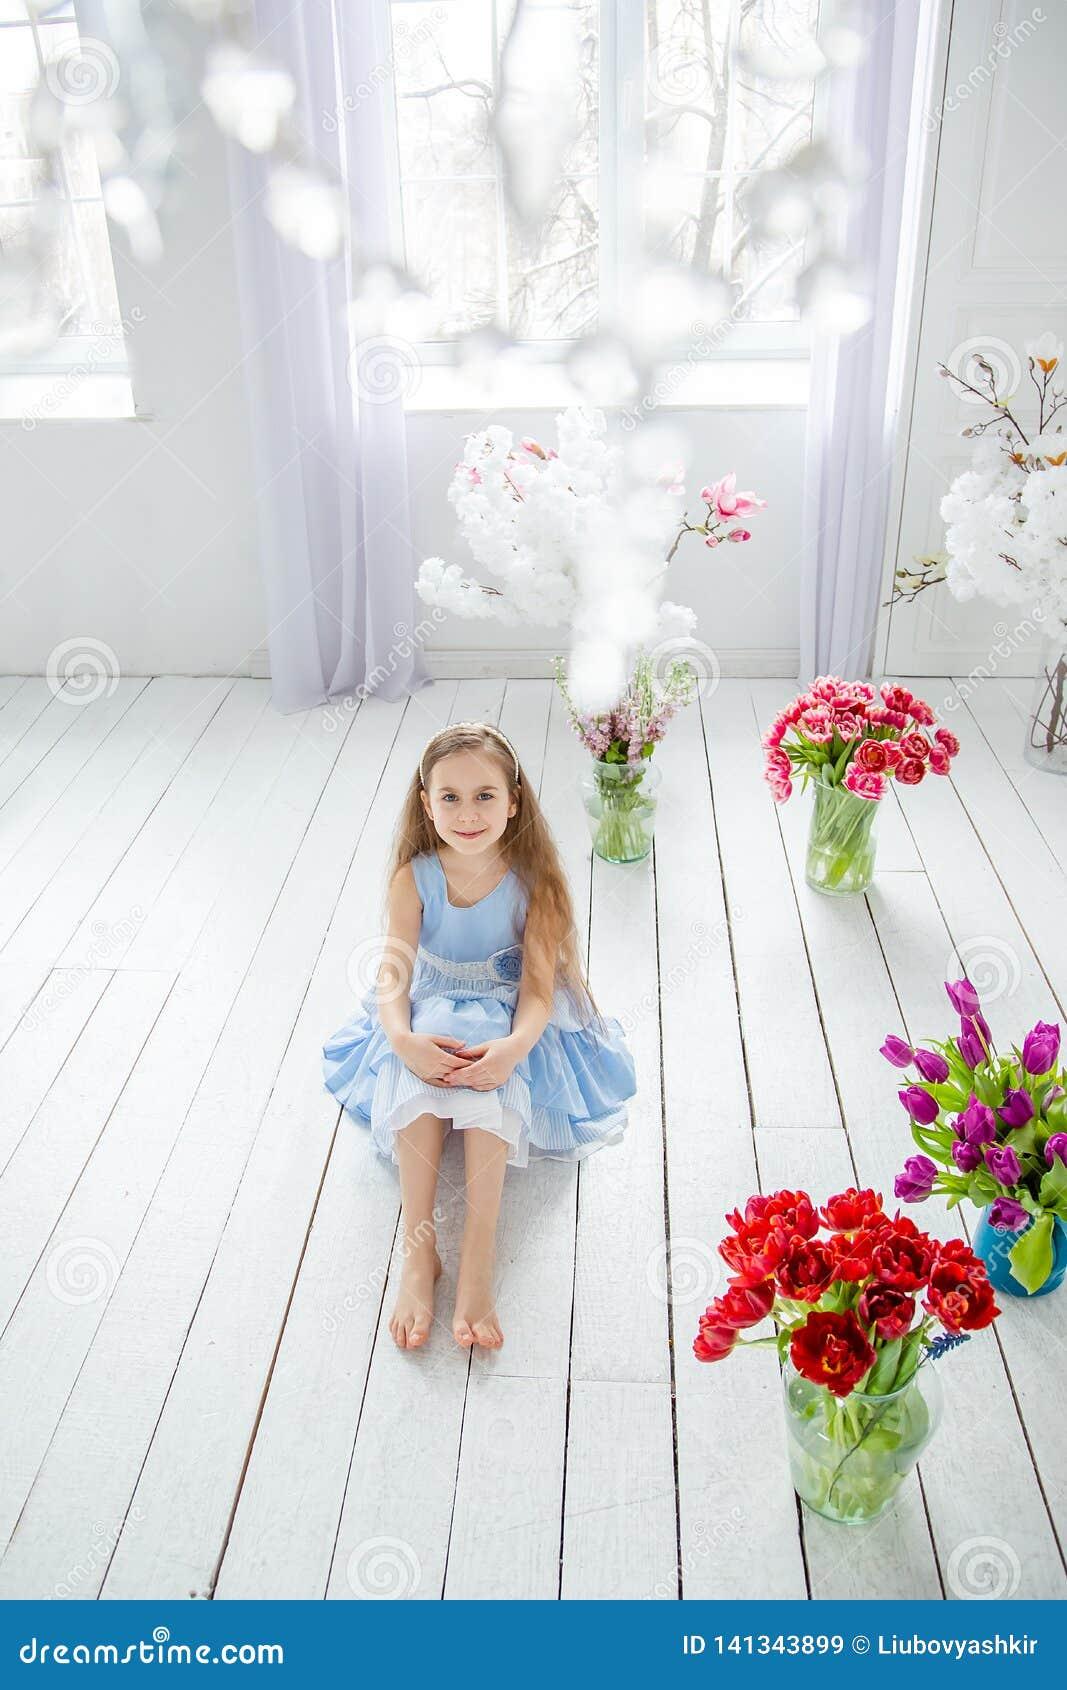 Retrato de una muchacha de ojos azules hermosa, niña entre las flores de la primavera en un cuarto brillante